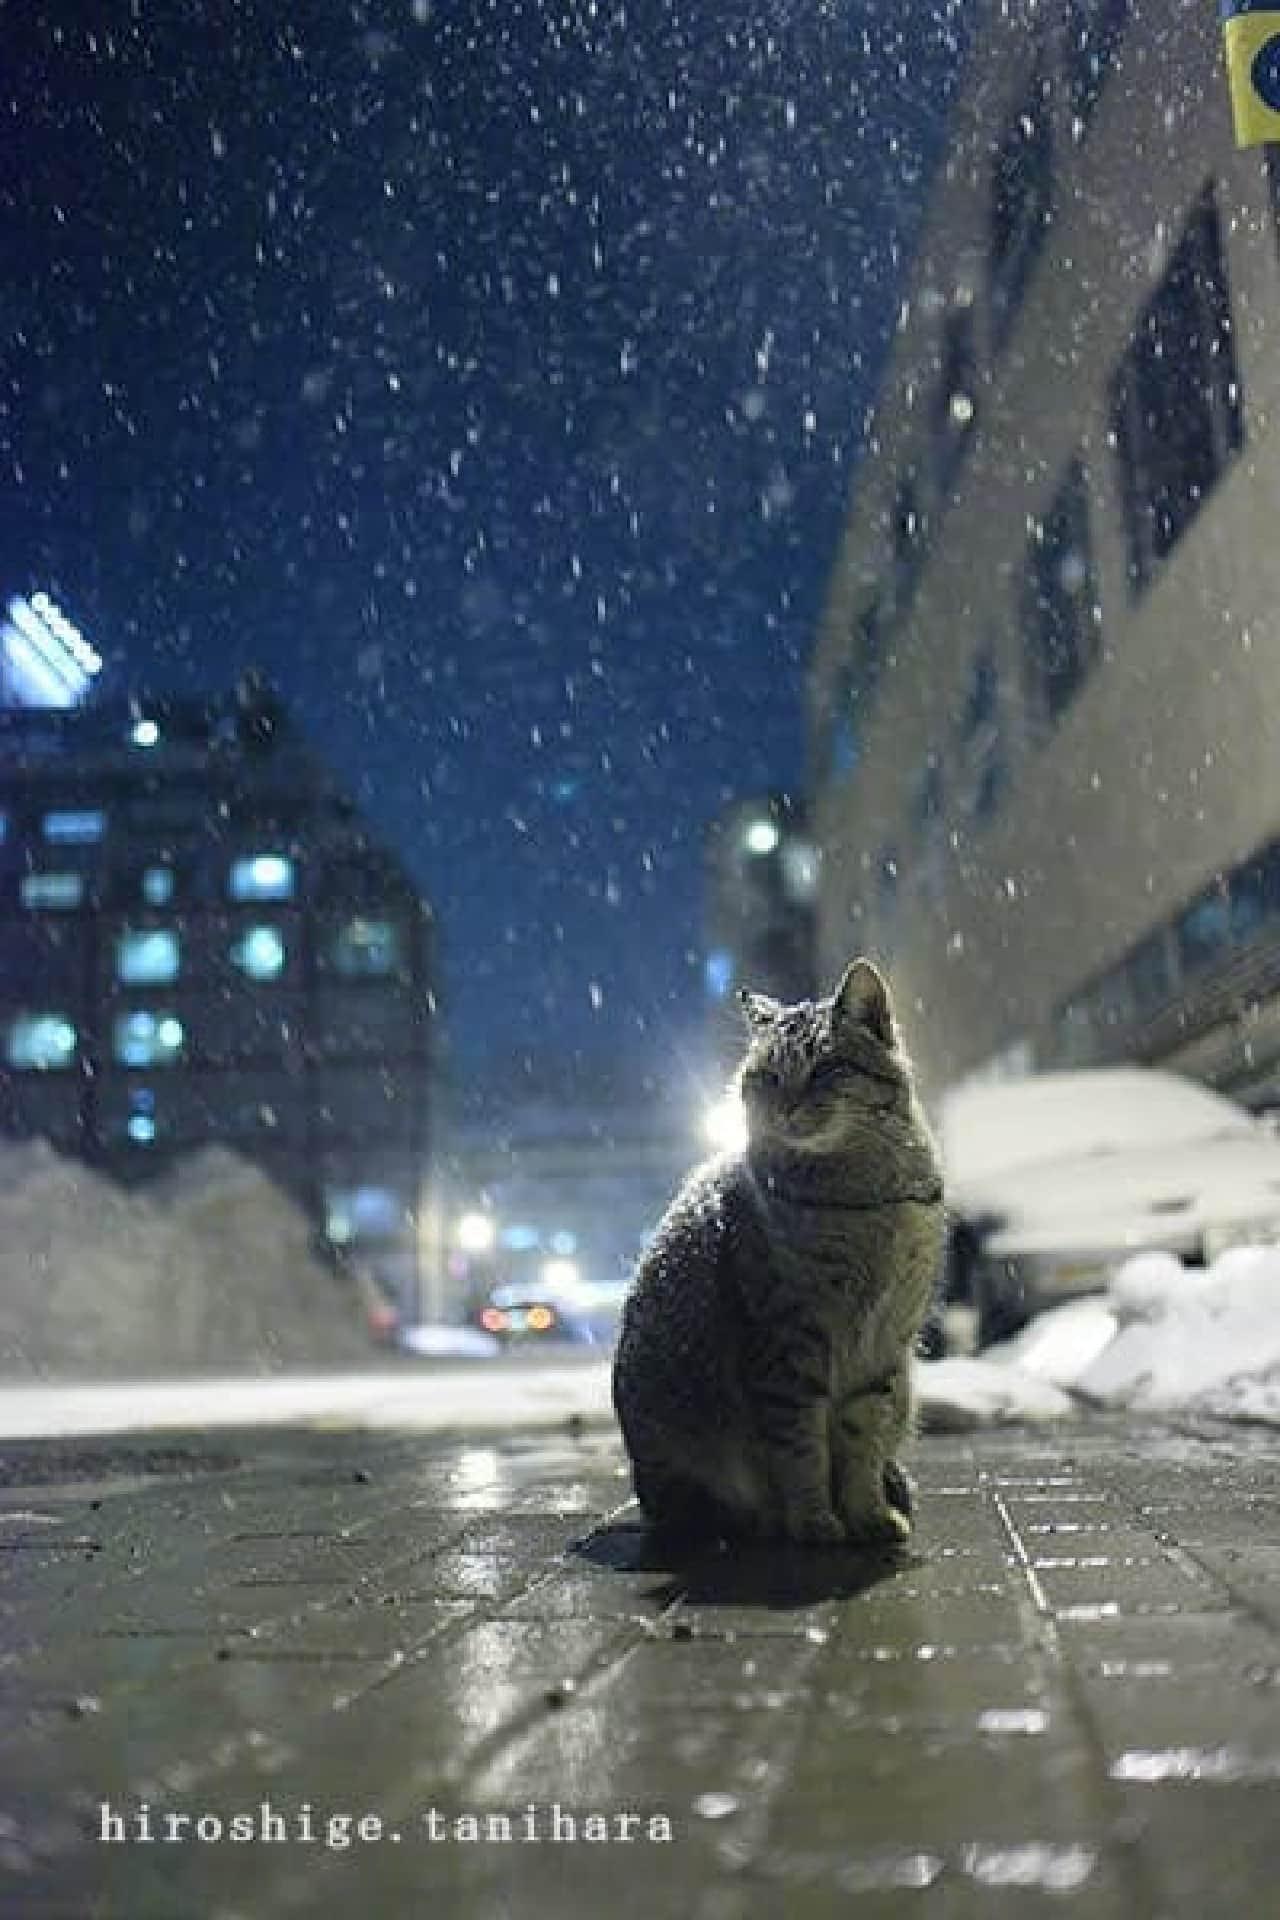 ネコ写真家 五十嵐健太さん主催の合同写真展「ねこ専」、今年は渋谷で開催!